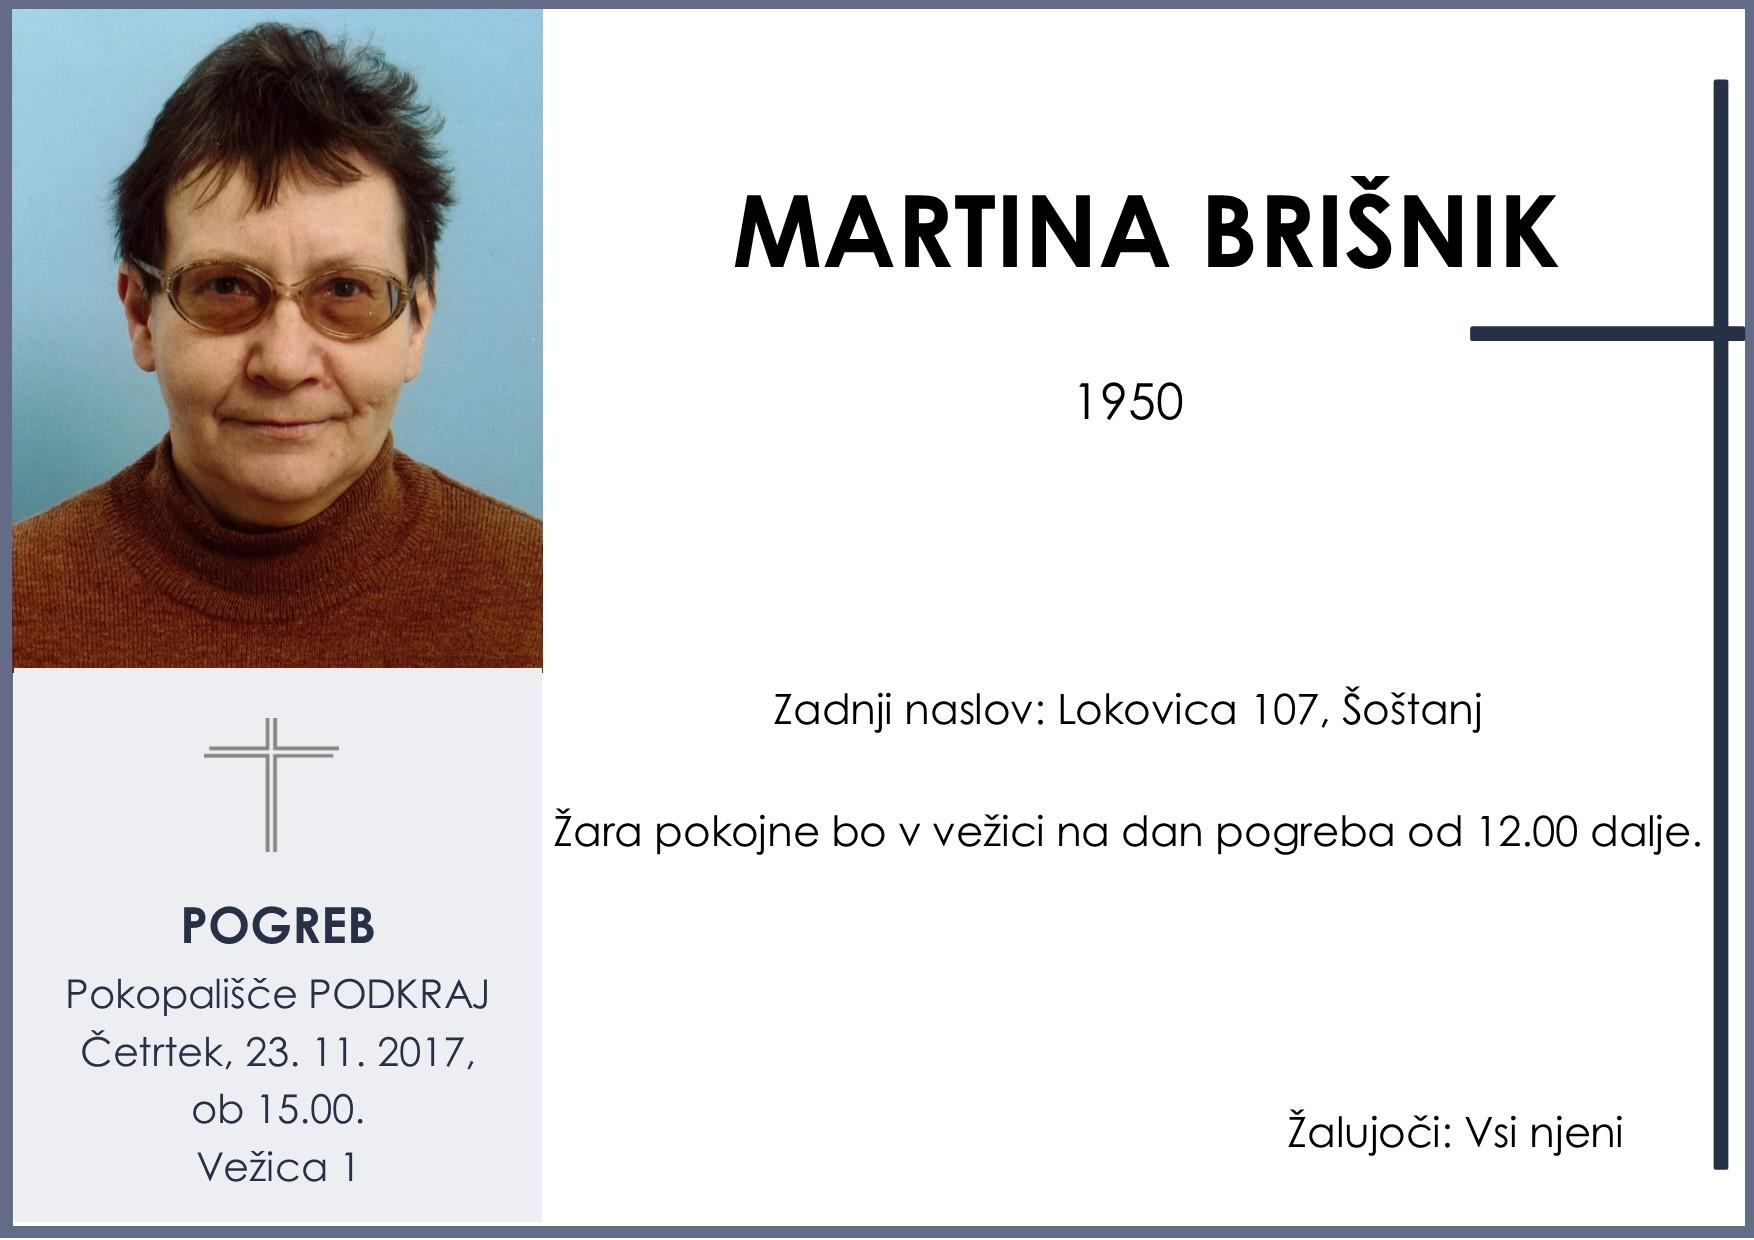 MARTINA BRIŠNIK, Podkraj, 23. 11. 2017